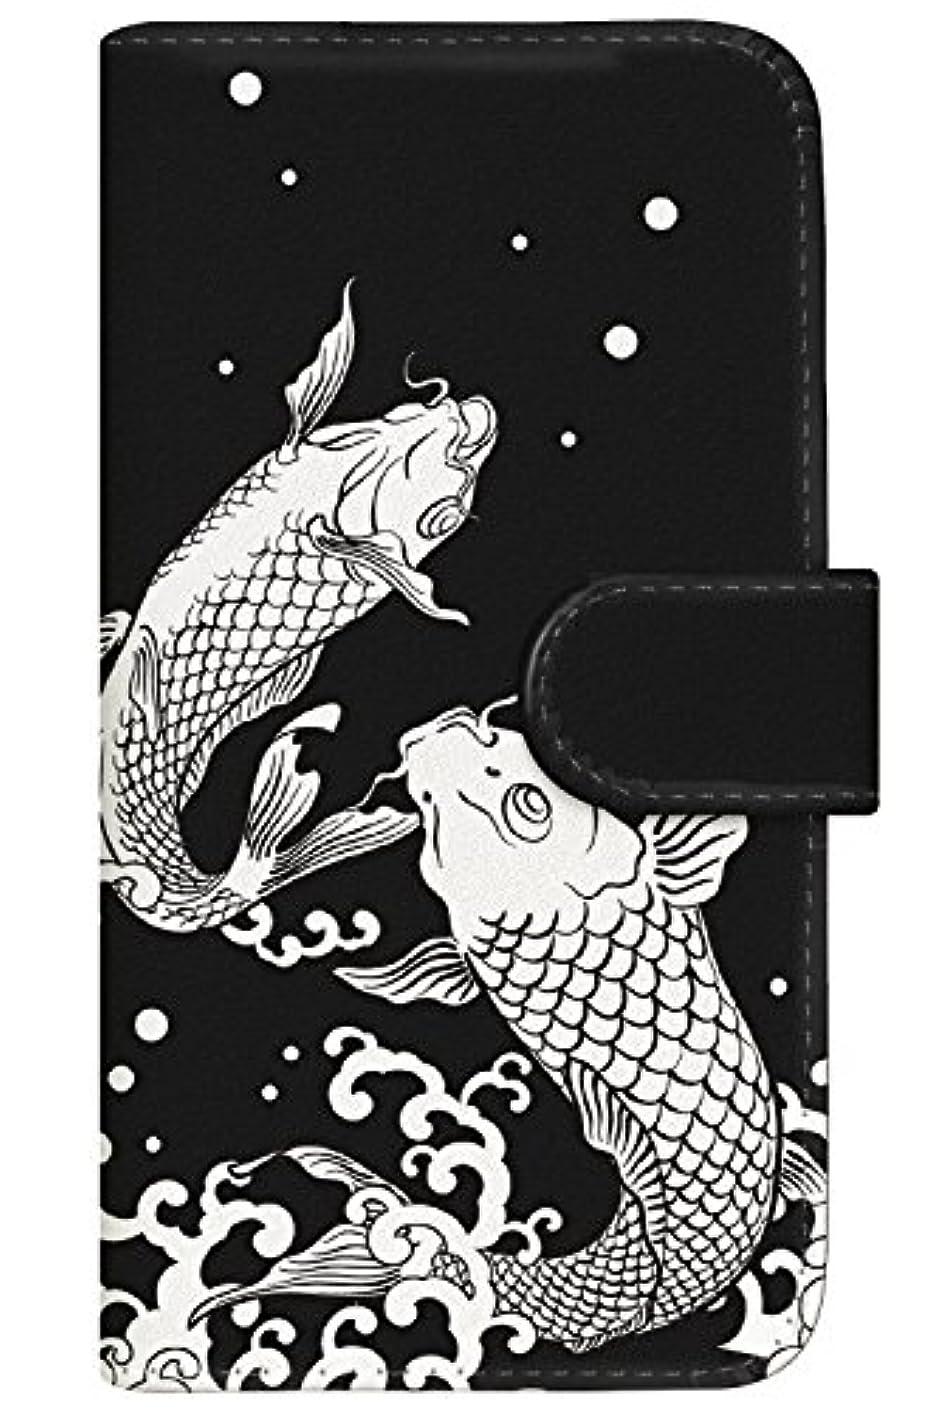 懺悔他にトリムCaseMarket 手帳型 ケース レザー 厚手タイプ docomo Galaxy S9 (SC-02K) 和柄 鯉の滝登り 2861